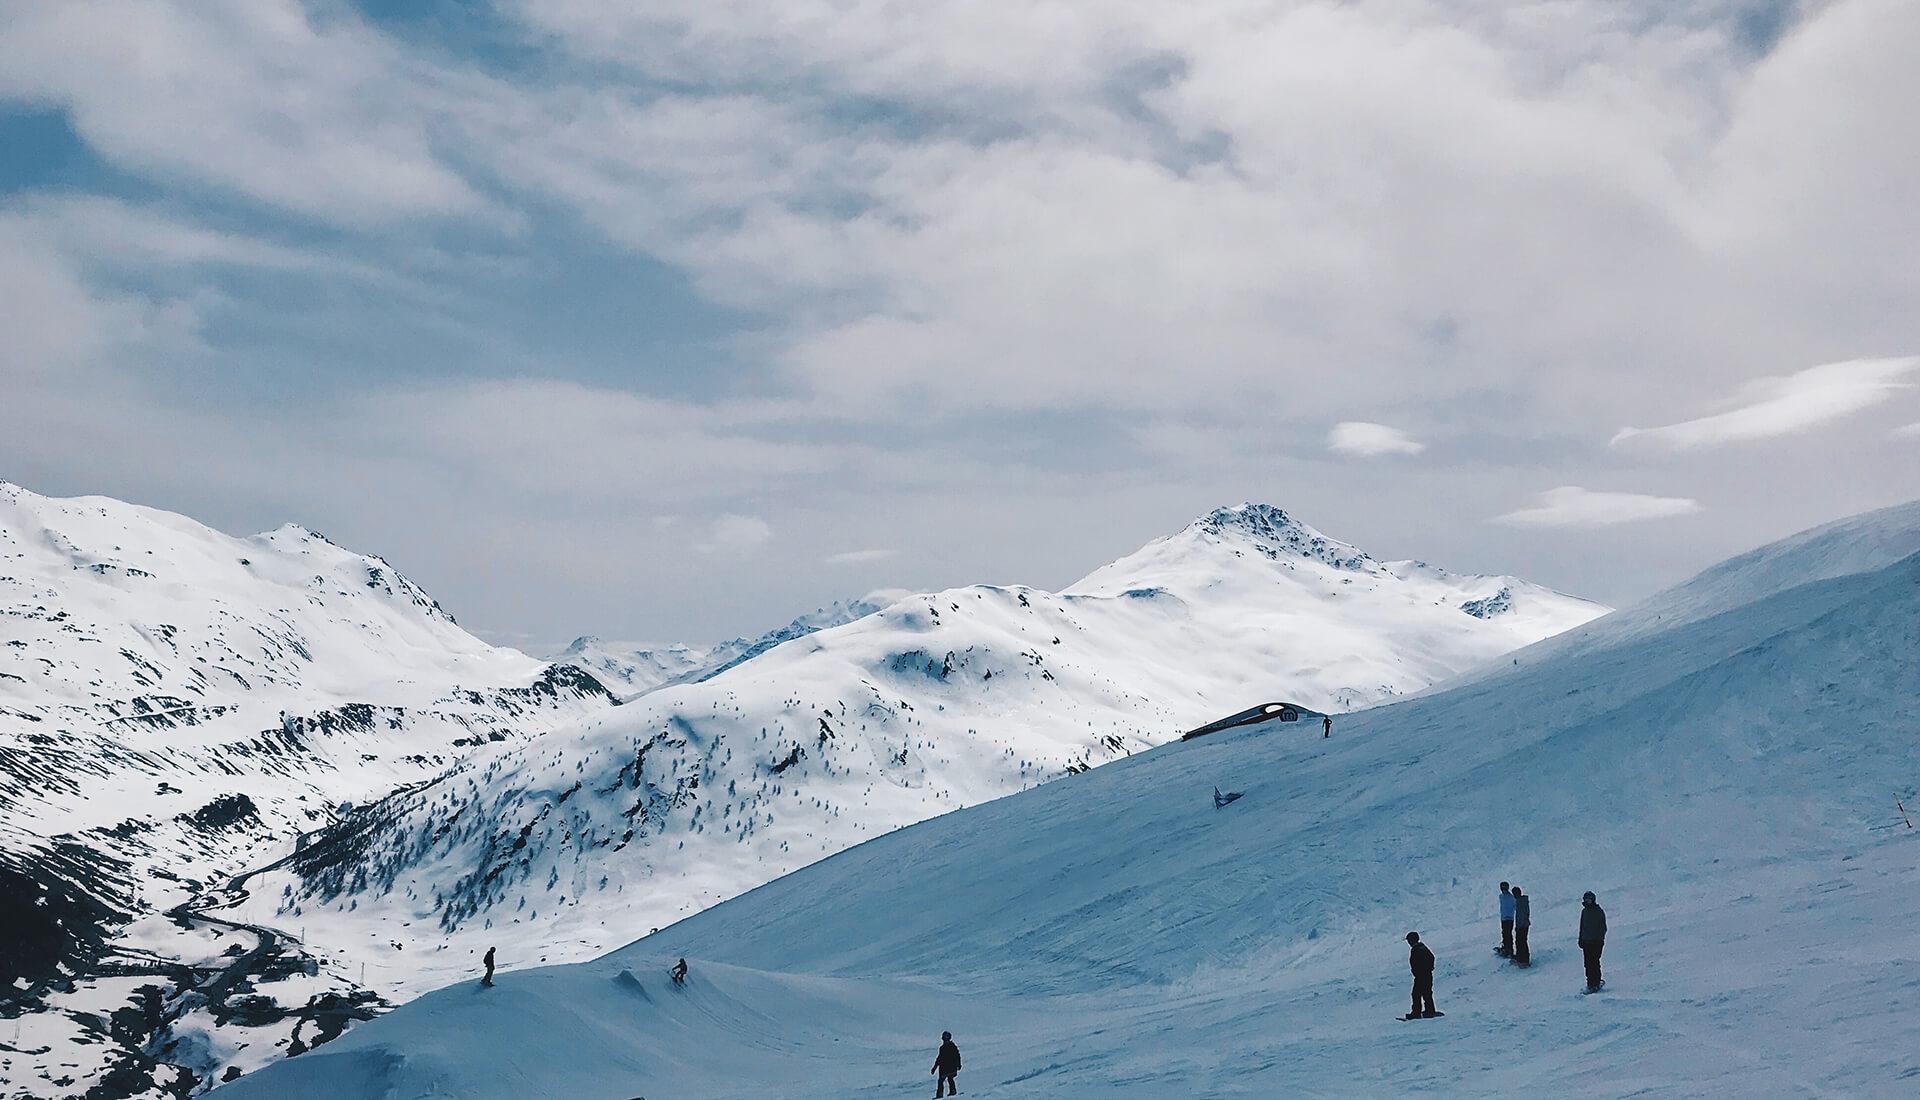 Sciatori in alta quota a Livigno sulle Alpi